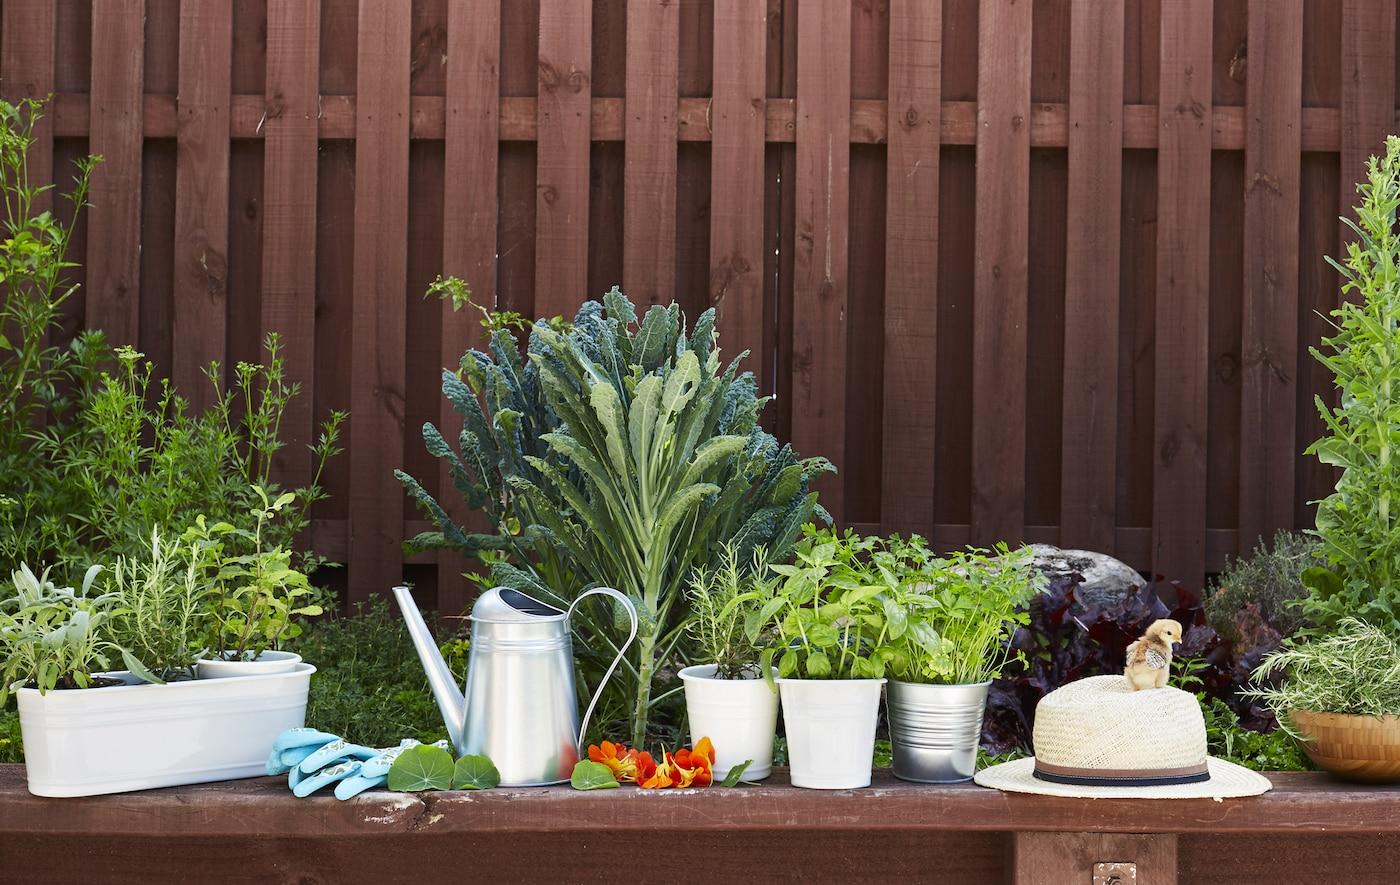 Pots d'herbes alignés sur un banc de jardin